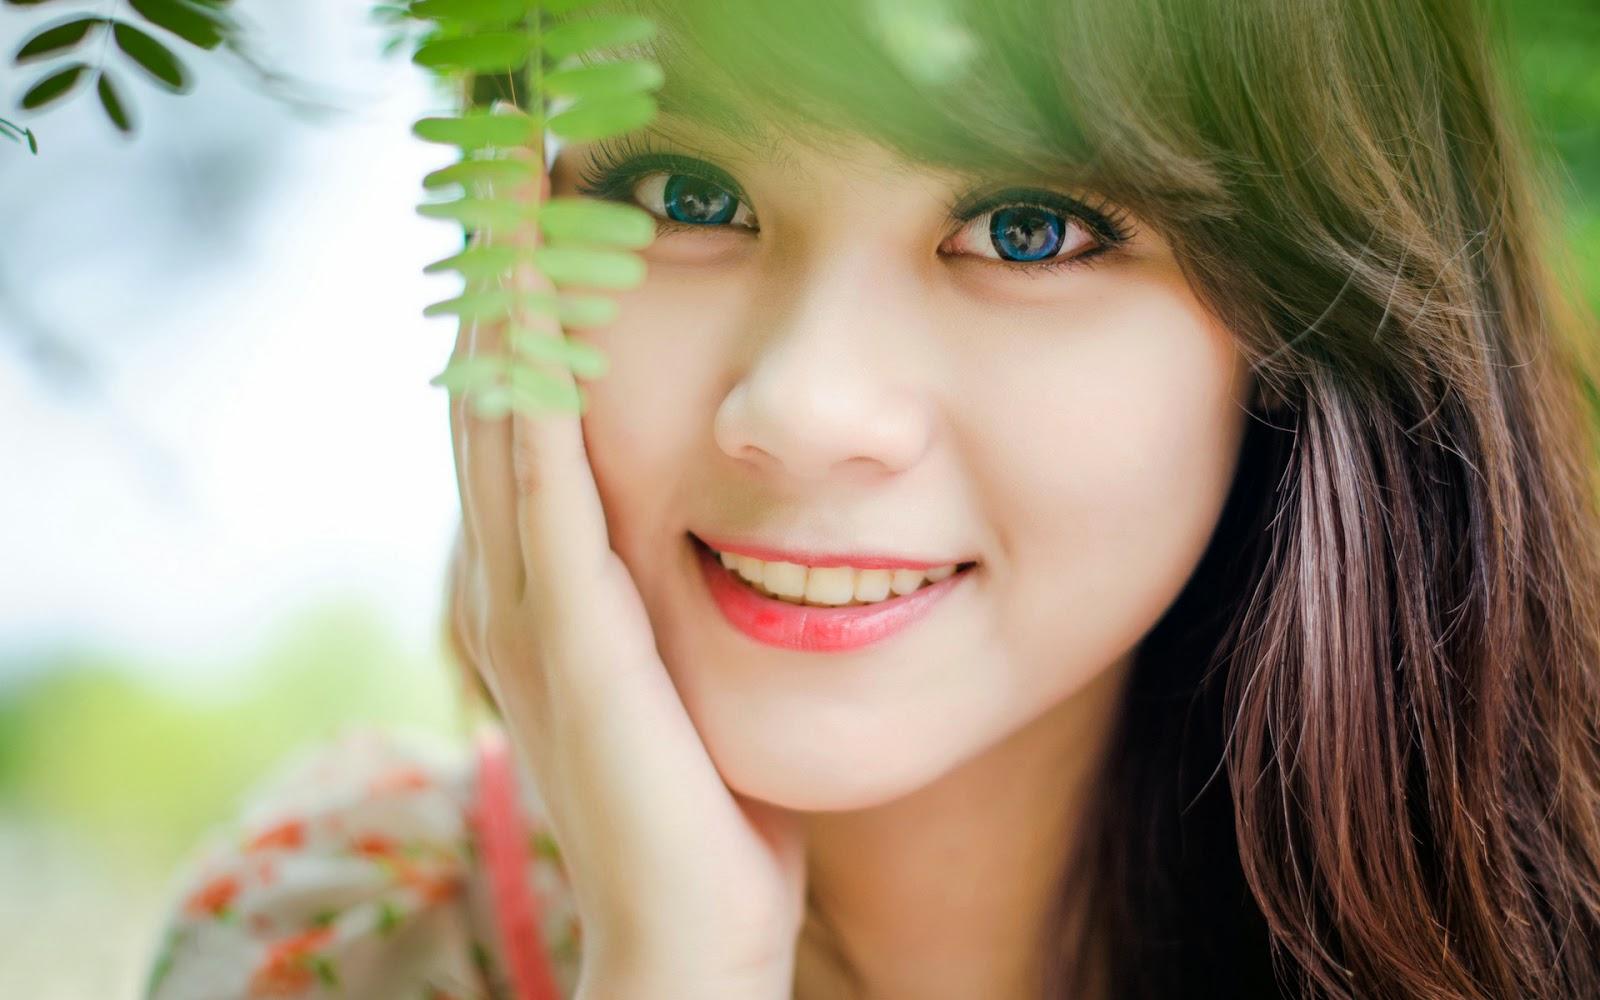 صور اجمل بنات الشات والفيس بوك 2016 الخليج , photos beautiful girls , صور بنات جميلة جدا